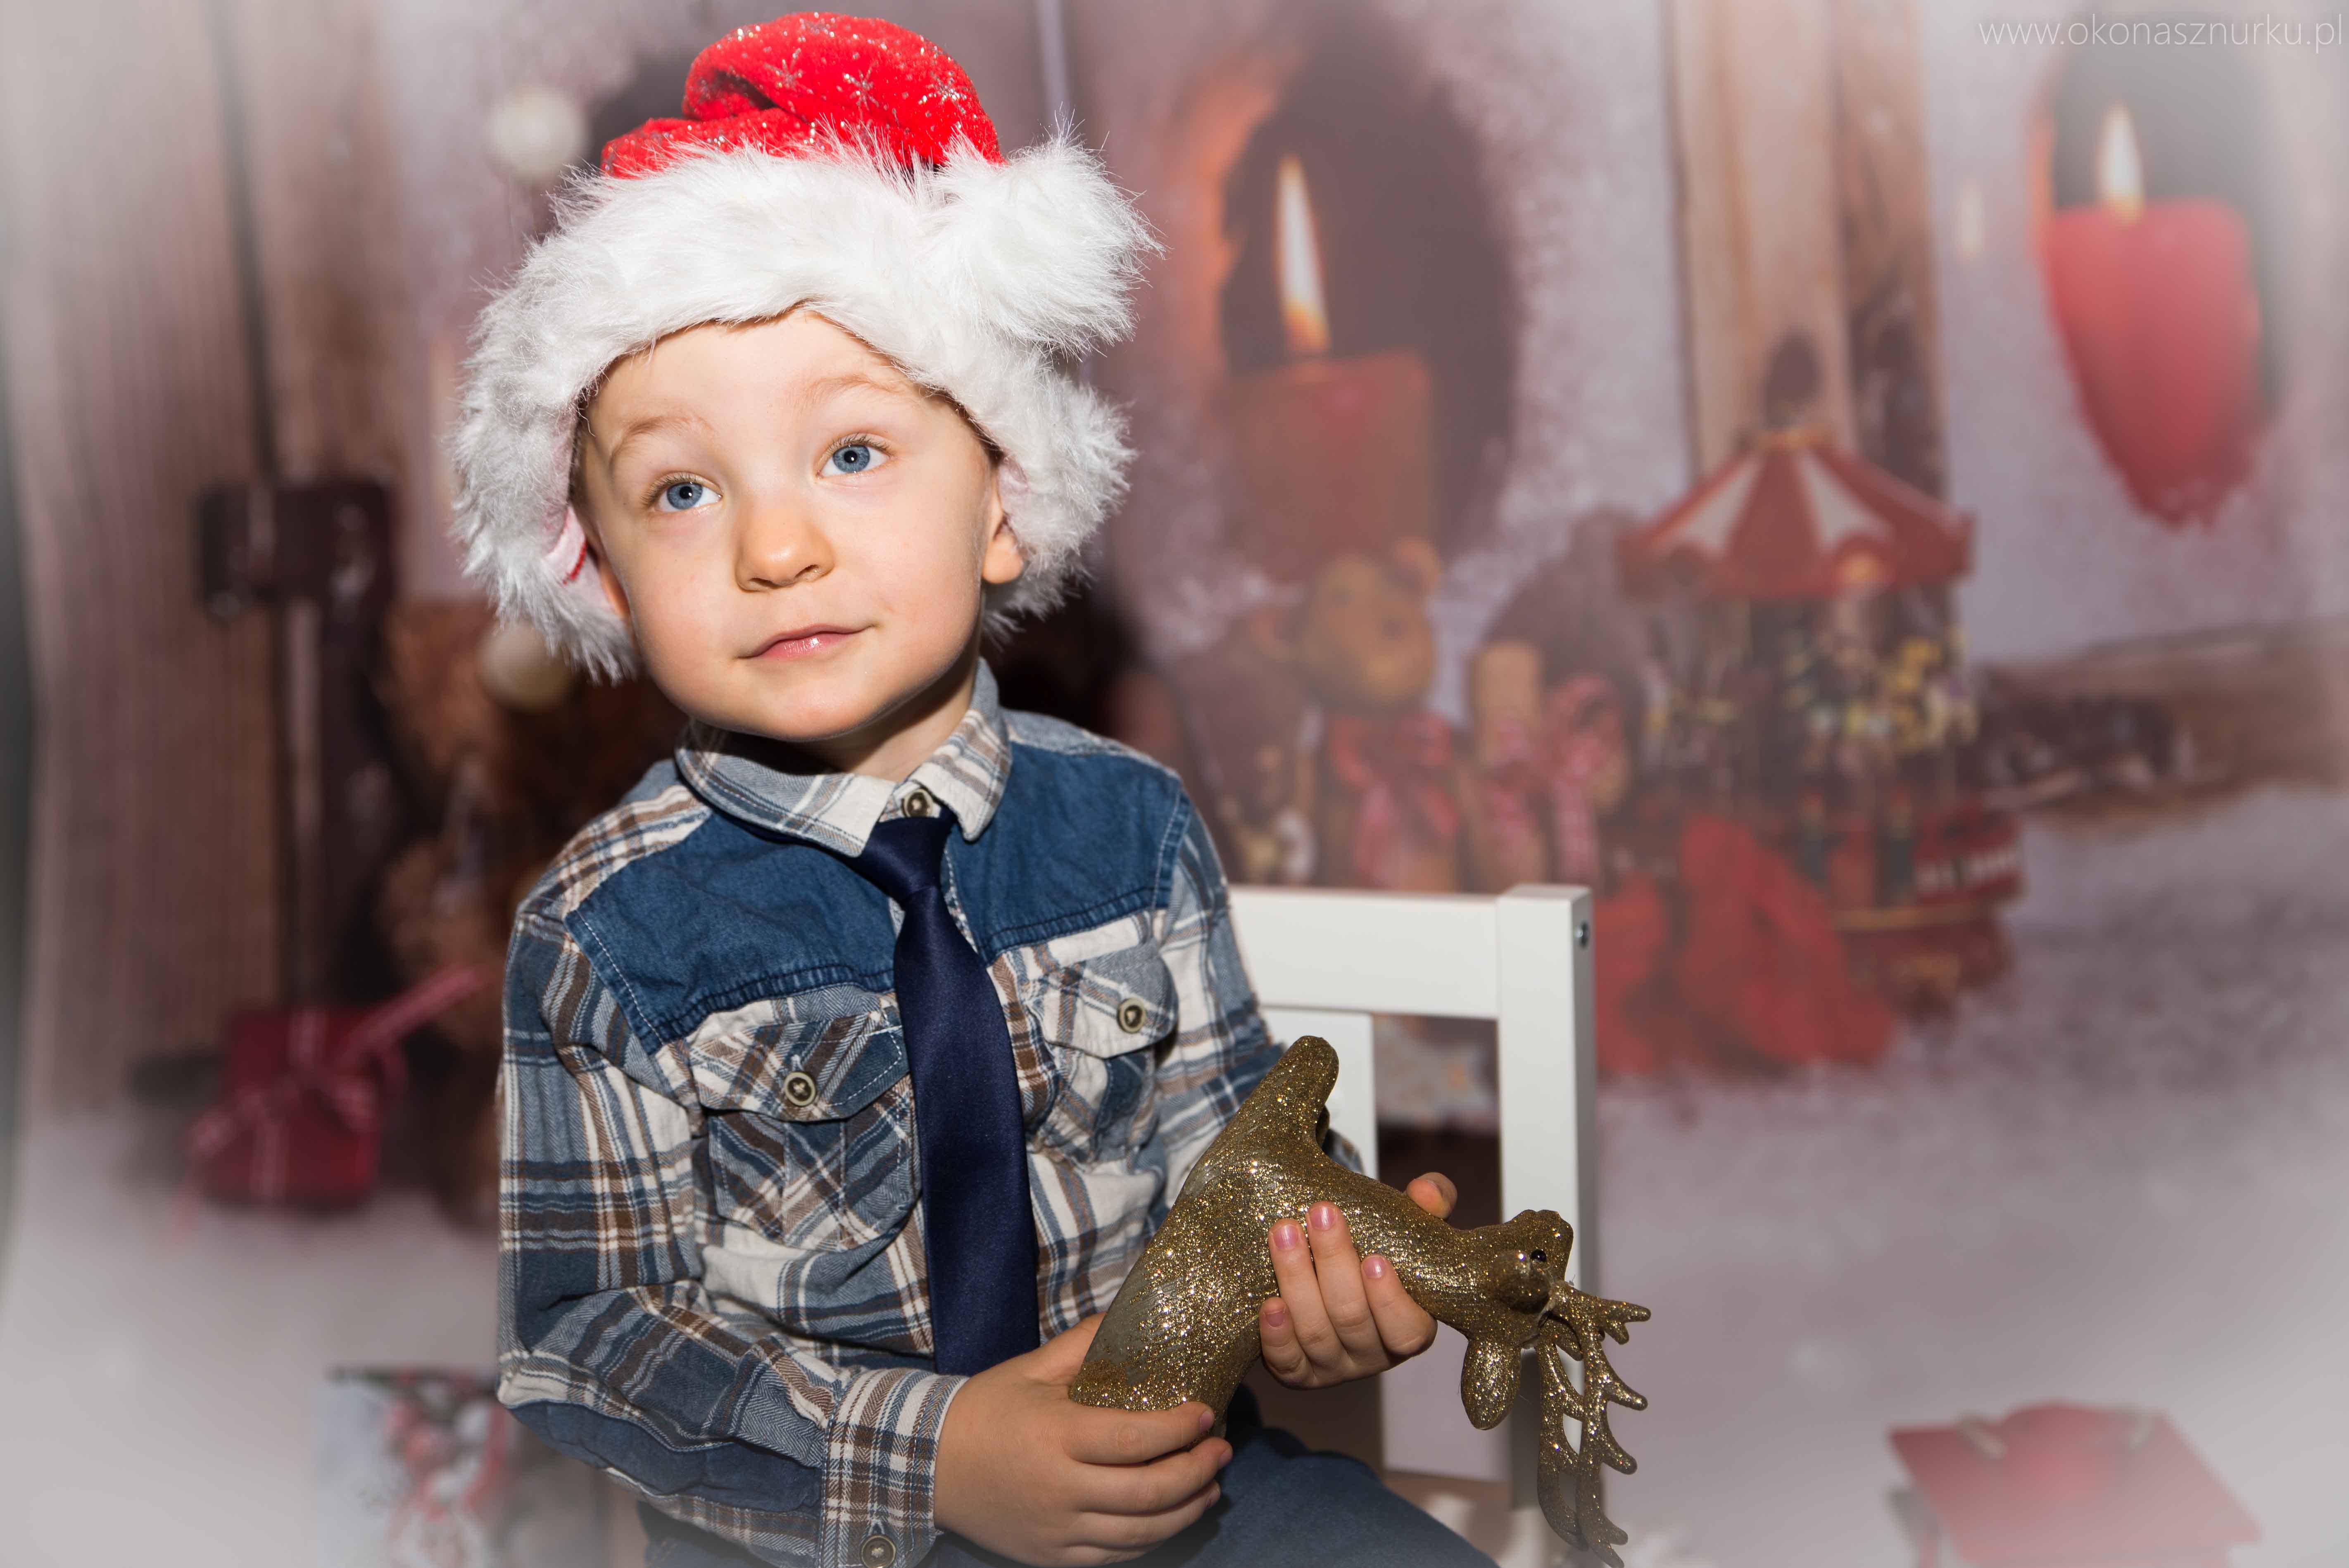 sesja świąteczna fotograficzna dziecka rodziny (4)